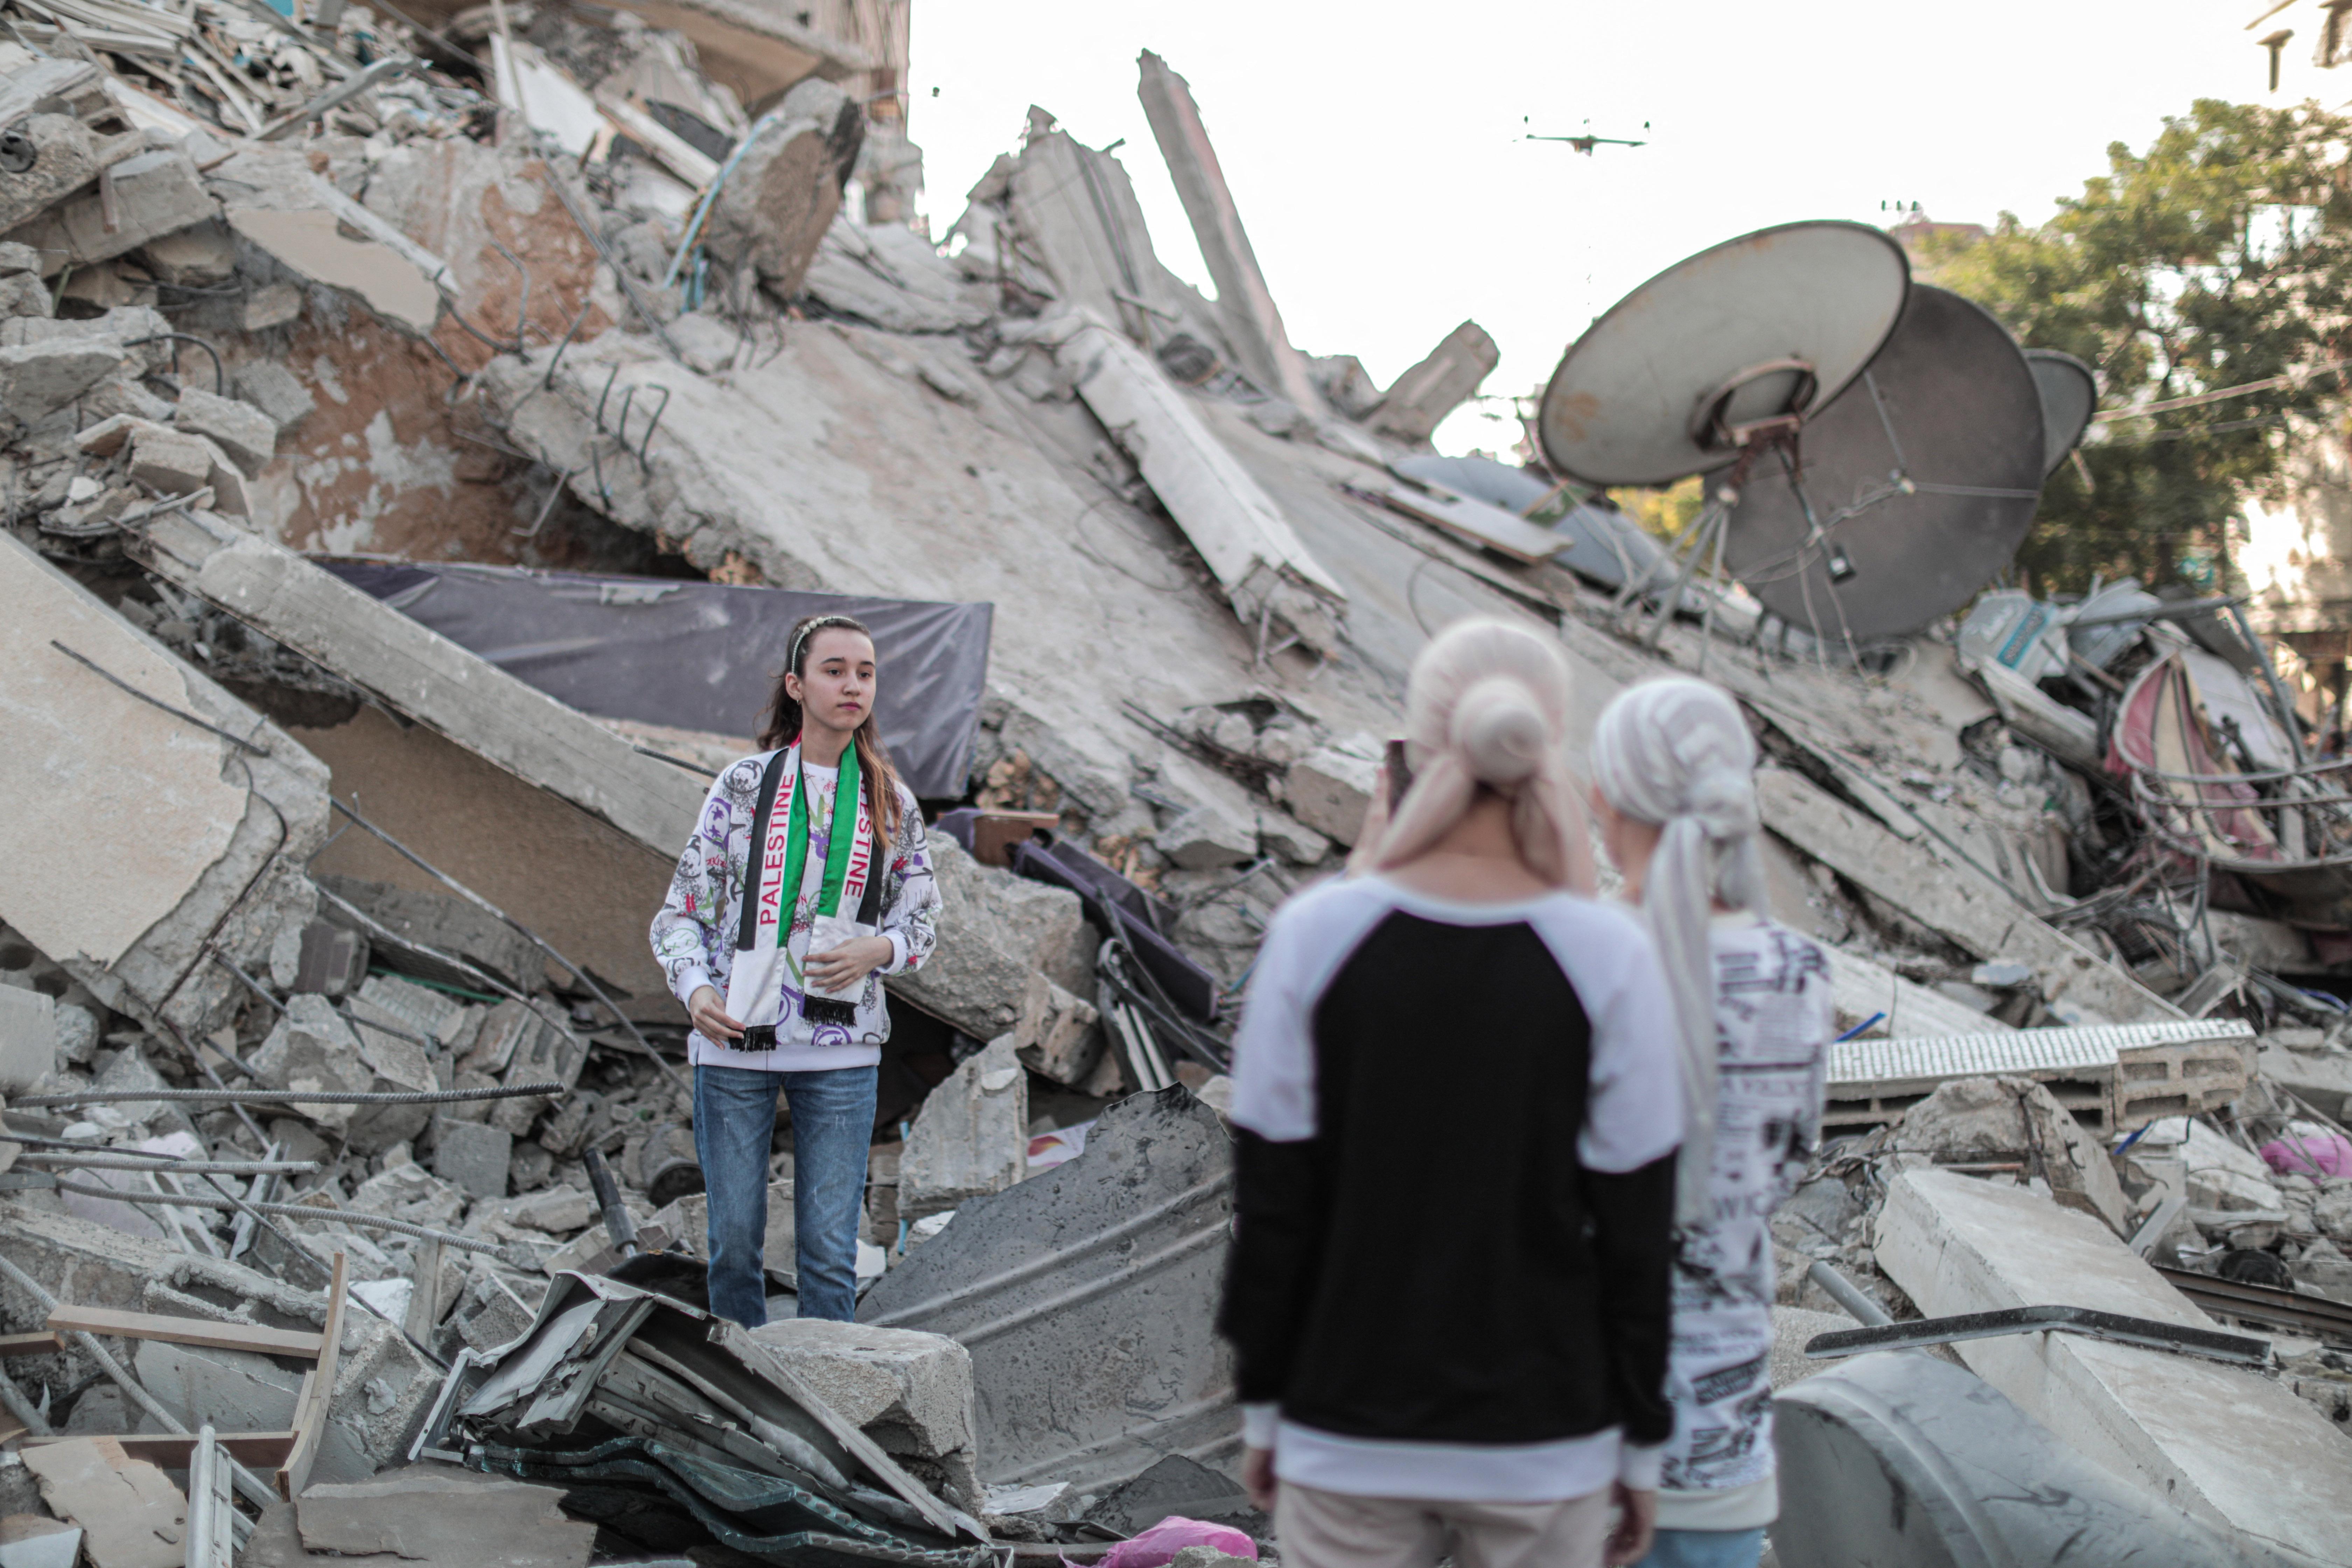 Évtizedekig tarthat helyreállítani a 11 napos háború okozta károkat a Gázai övezetben